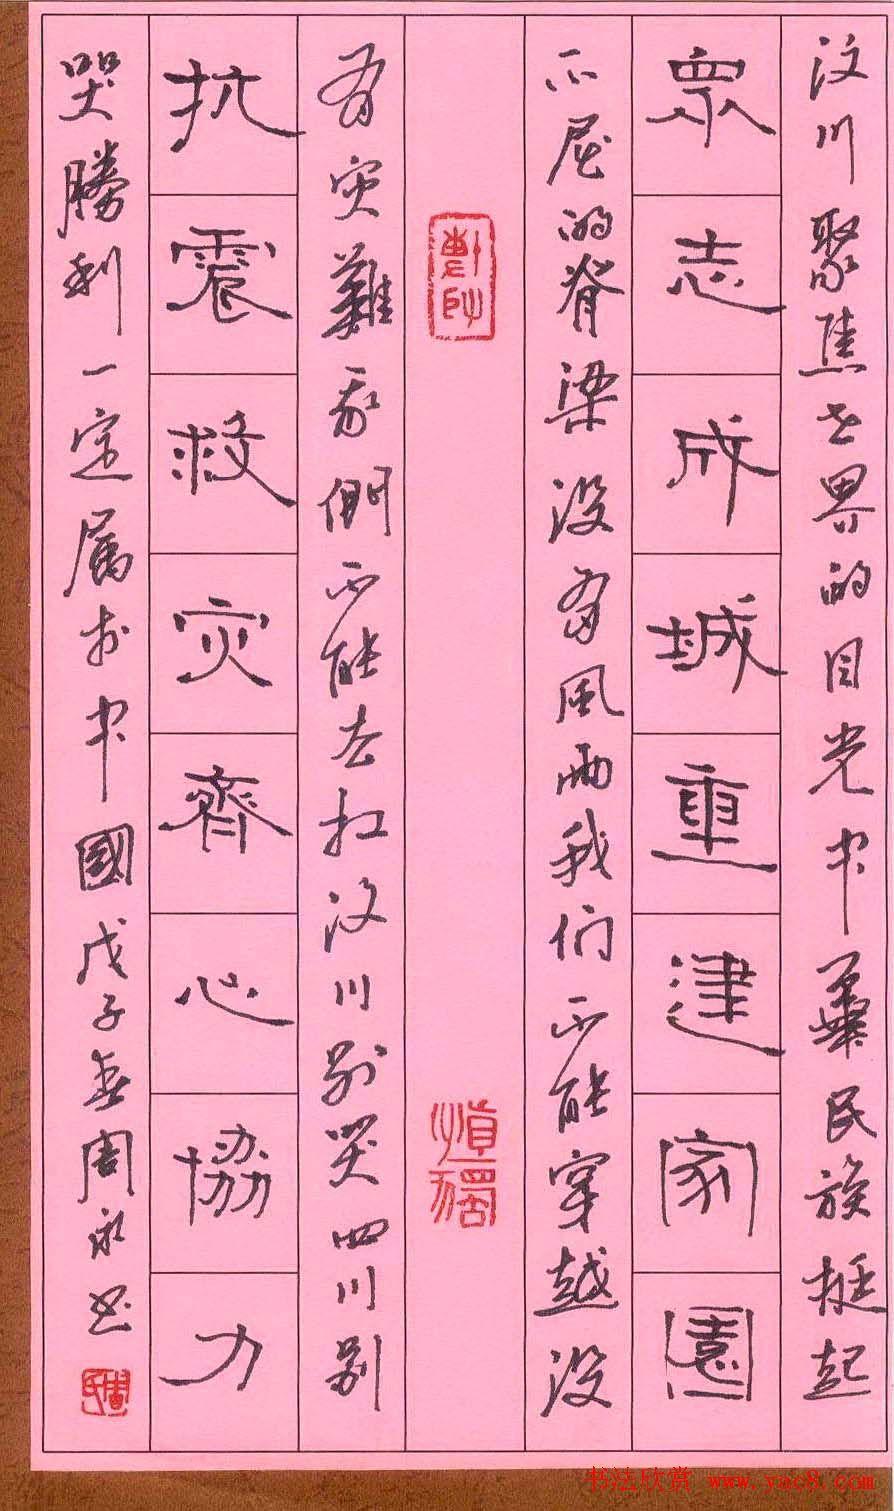 江苏周永硬笔书法作品欣赏 第15页 硬笔书法 书法欣赏图片